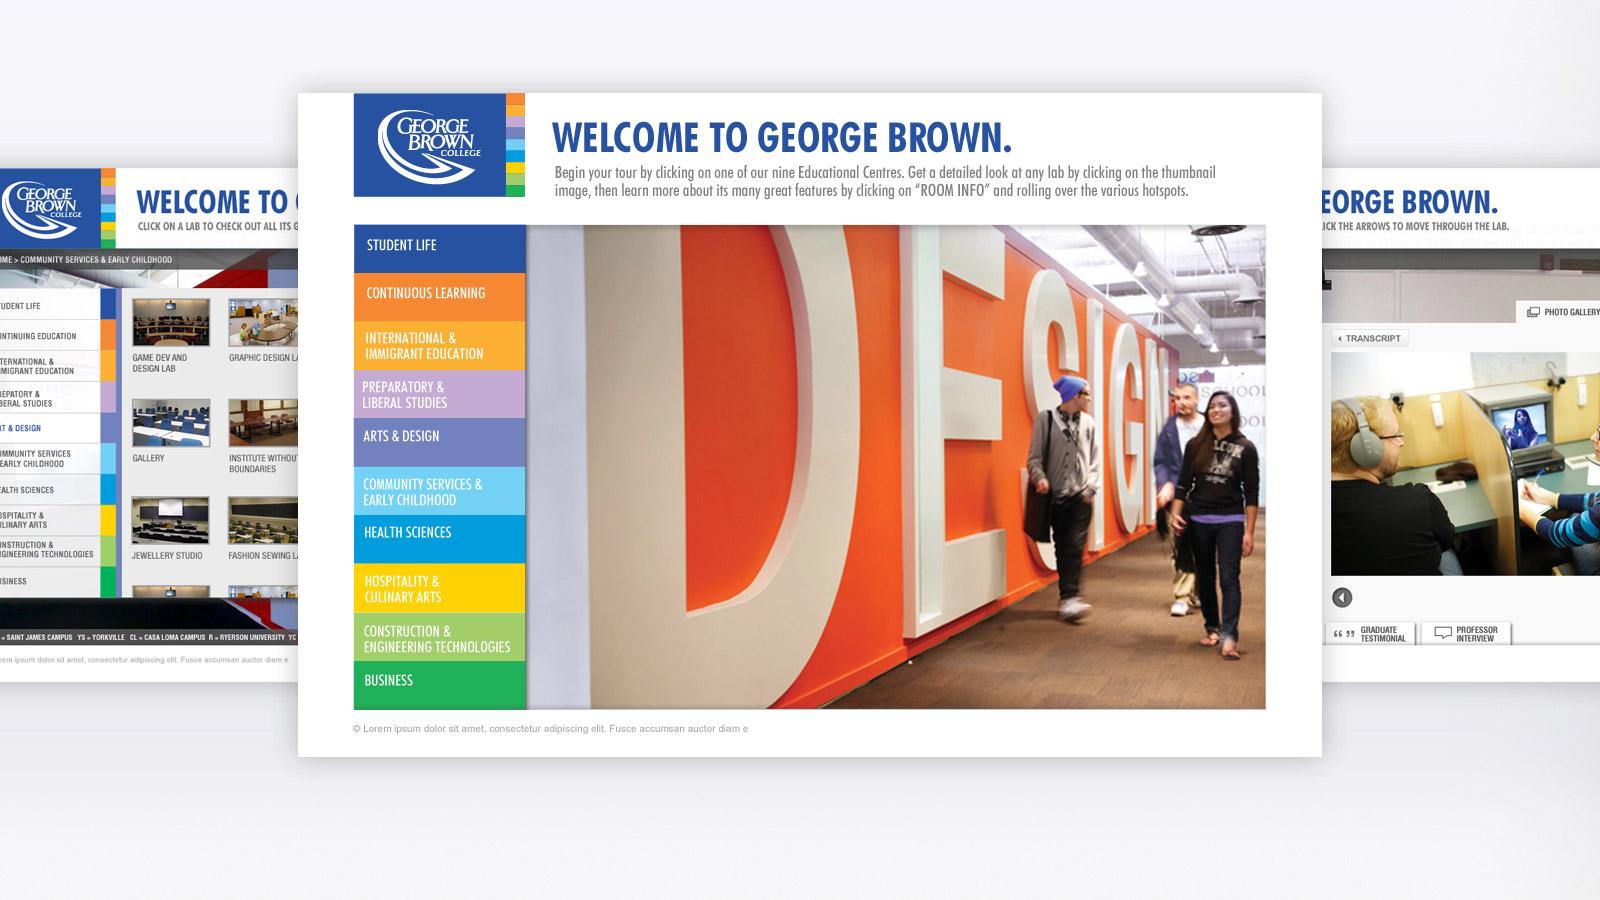 George Brown College | Refonte du site web | Conception de sites web, Développement de site web, Développement d'application, Innovation numérique, Marketing numérique, Mobile, Production vidéo, Responsive Web Design, Stratégie